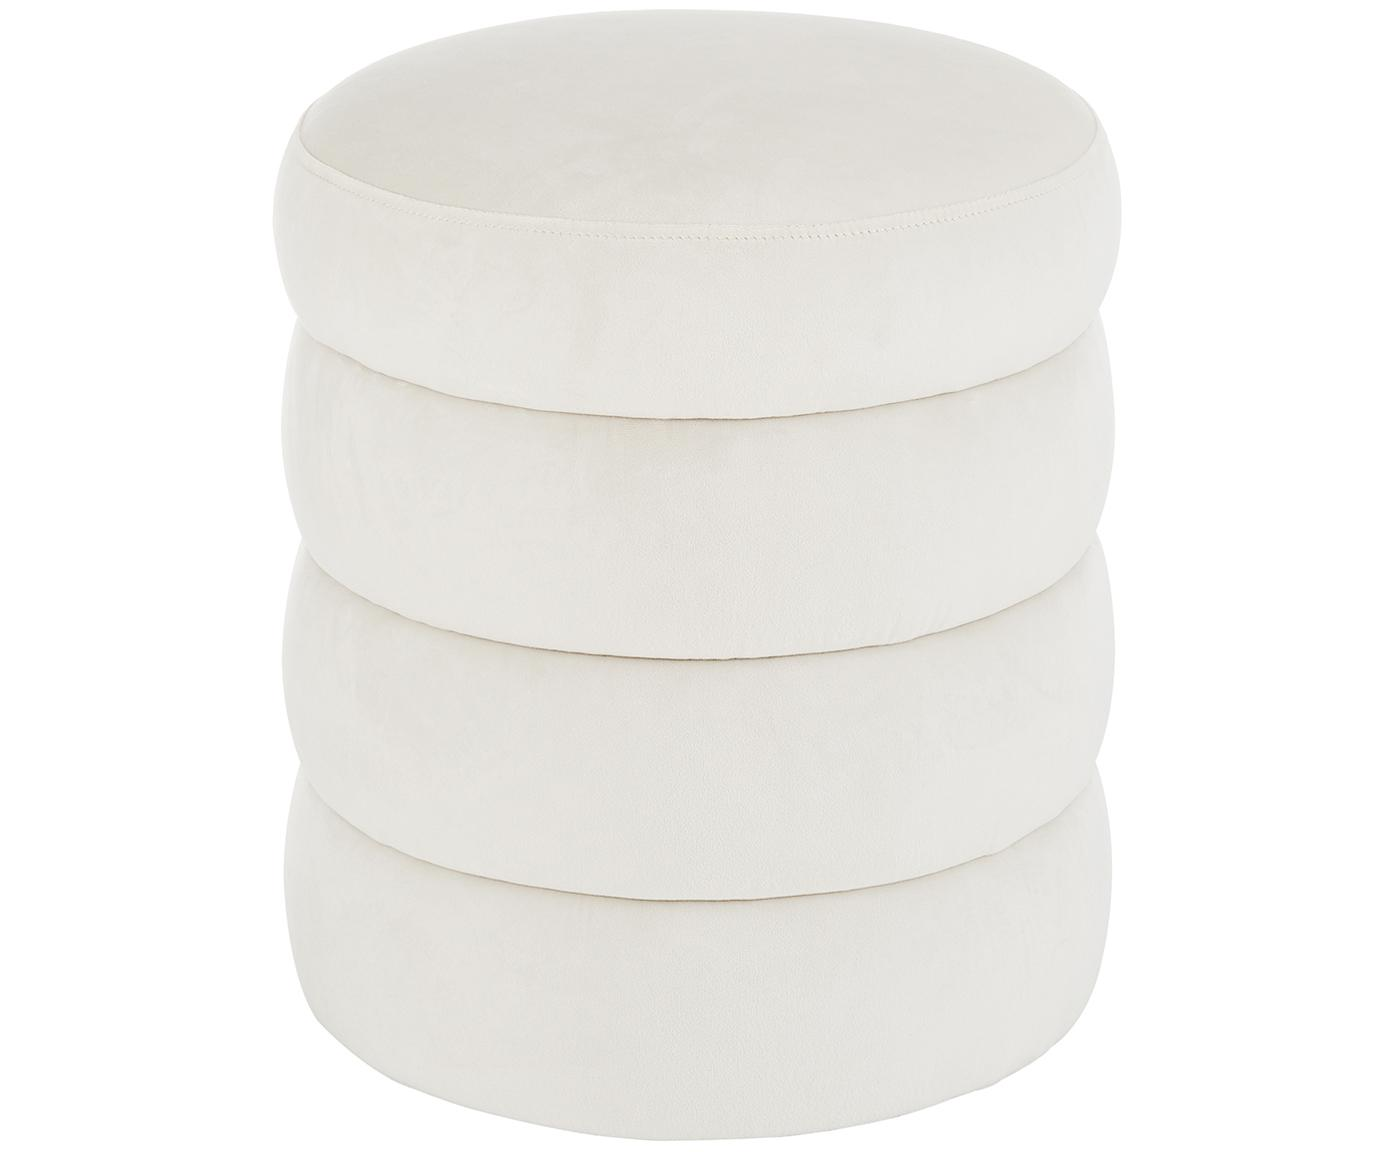 Puf de terciopelo Alto, Tapizado: terciopelo (poliéster) Re, Estructura: madera de pino maciza, ma, Blanco crema, Ø 42 x Al 47 cm